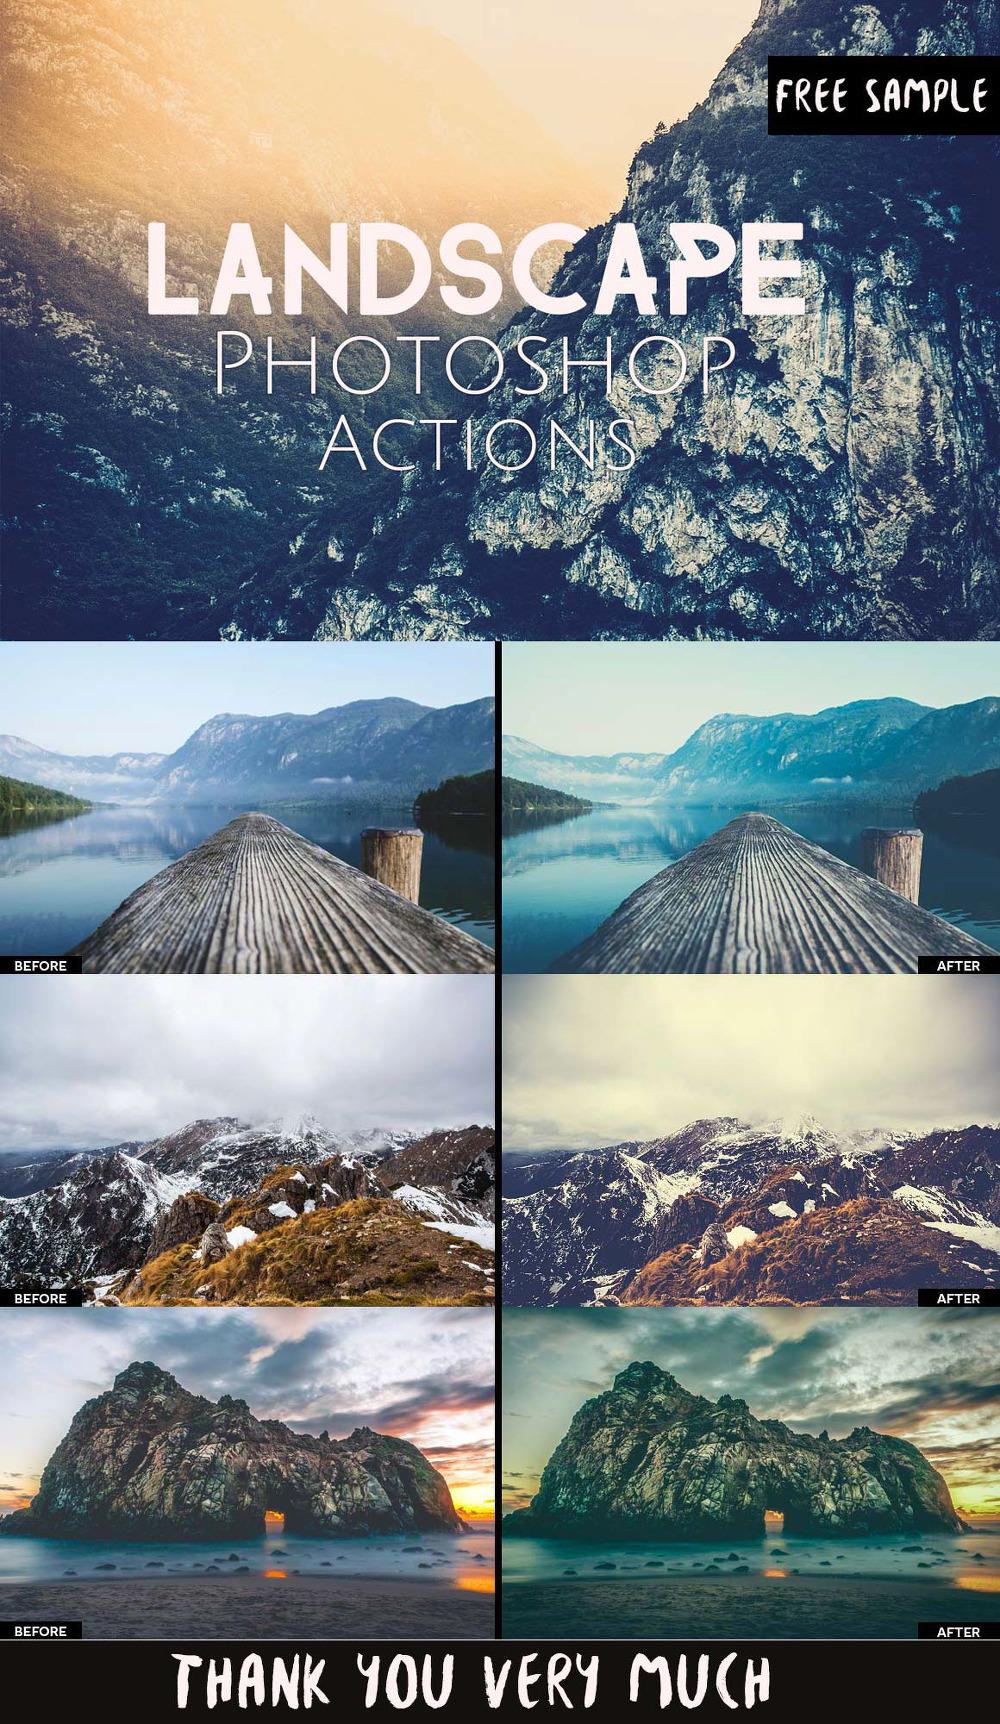 3 가지 무료 풍경 포토샵 액션 - 3 Free Landscape Photoshop Actions